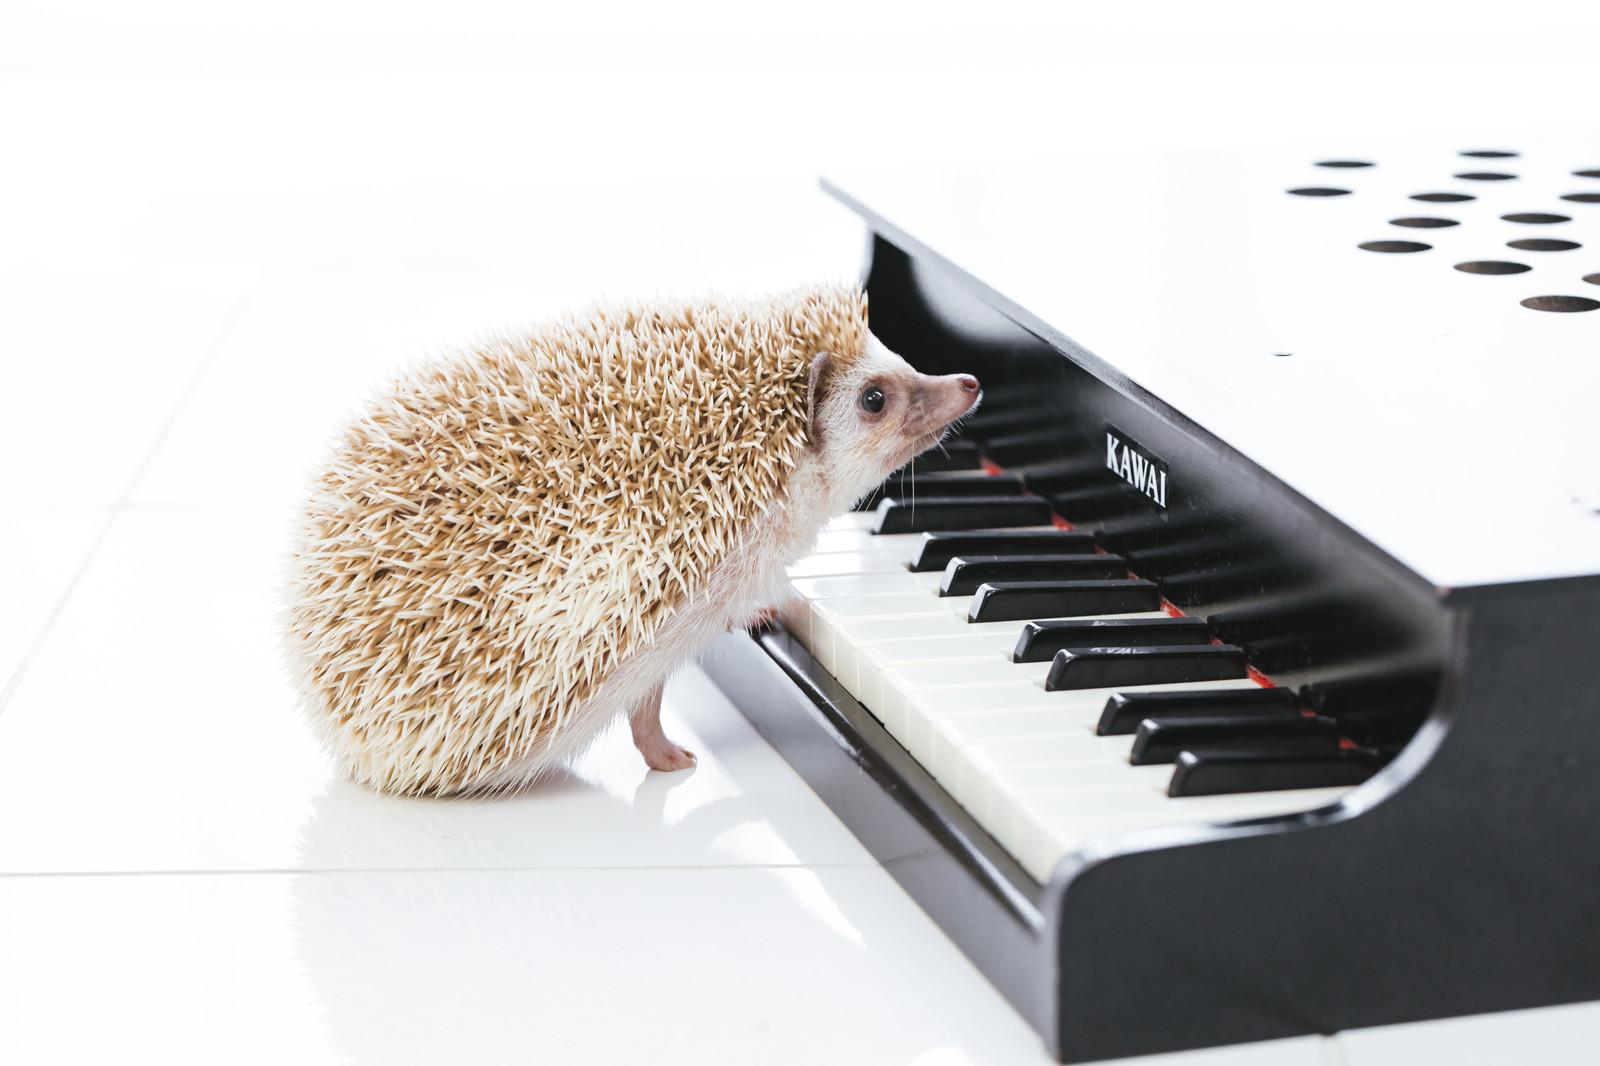 【カラオケ】音感の一番いい鍛え方はピアノをやることなの?